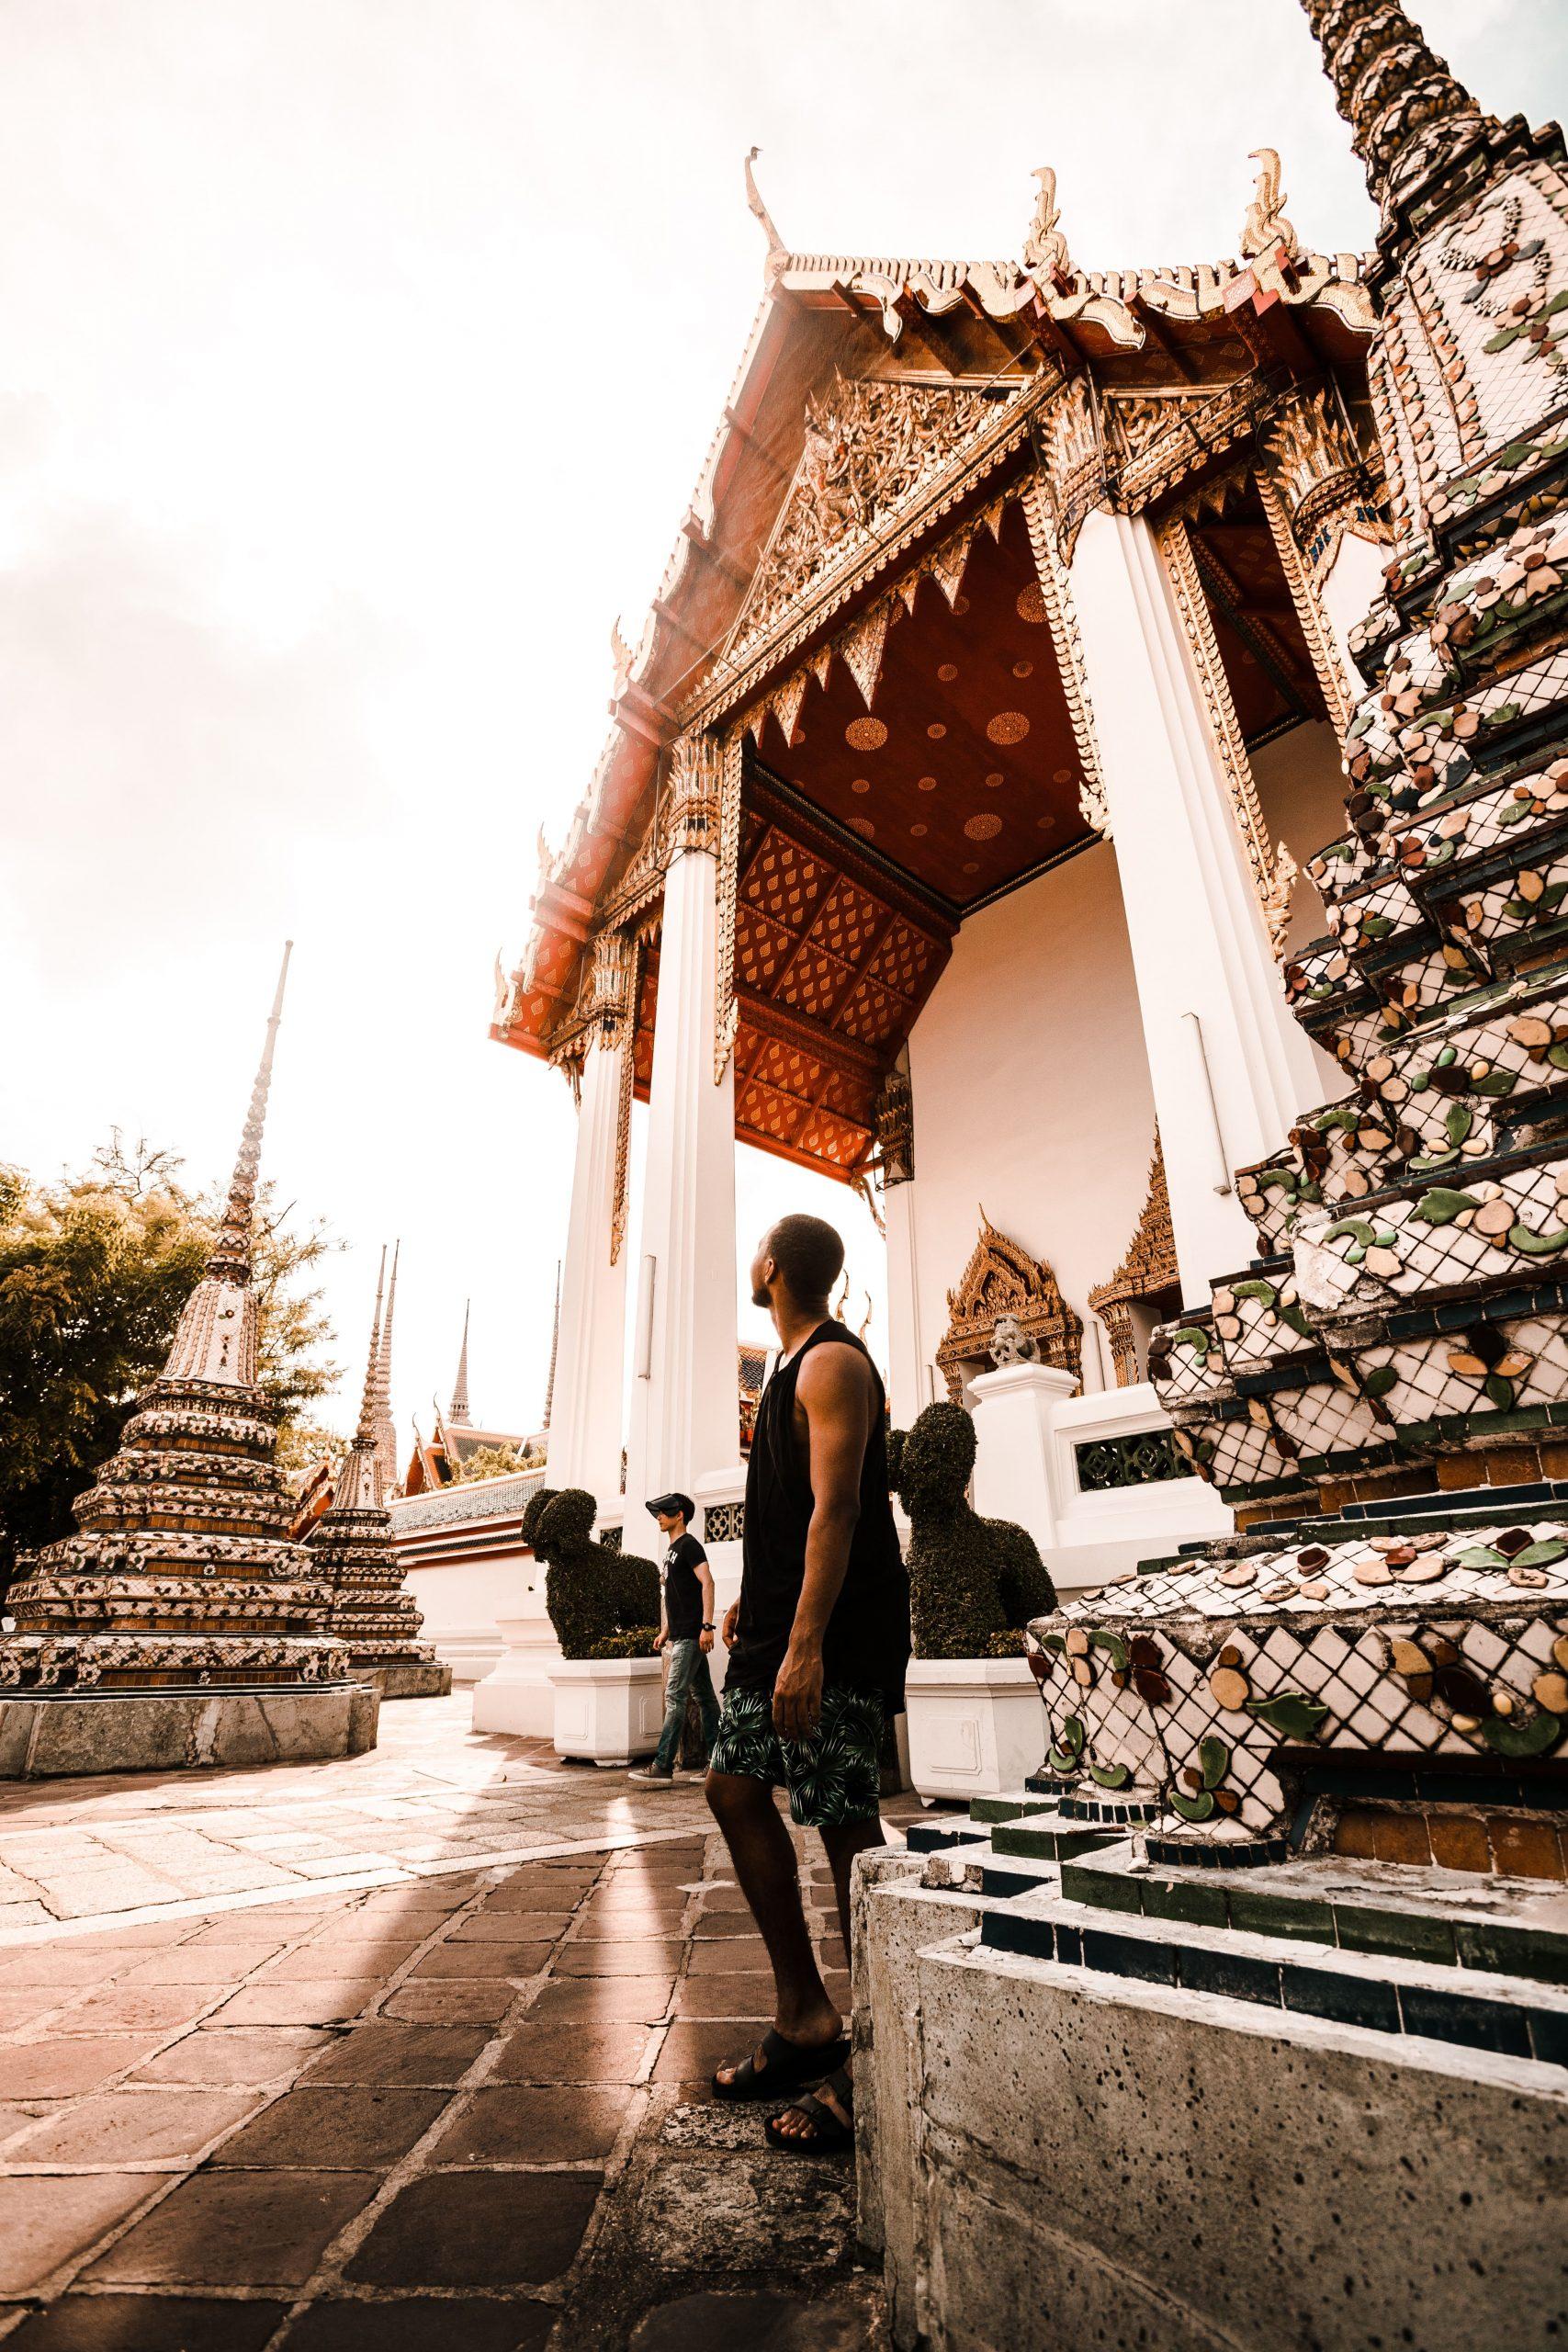 No te comportes inadecuadamente en los templos de Tailandia.